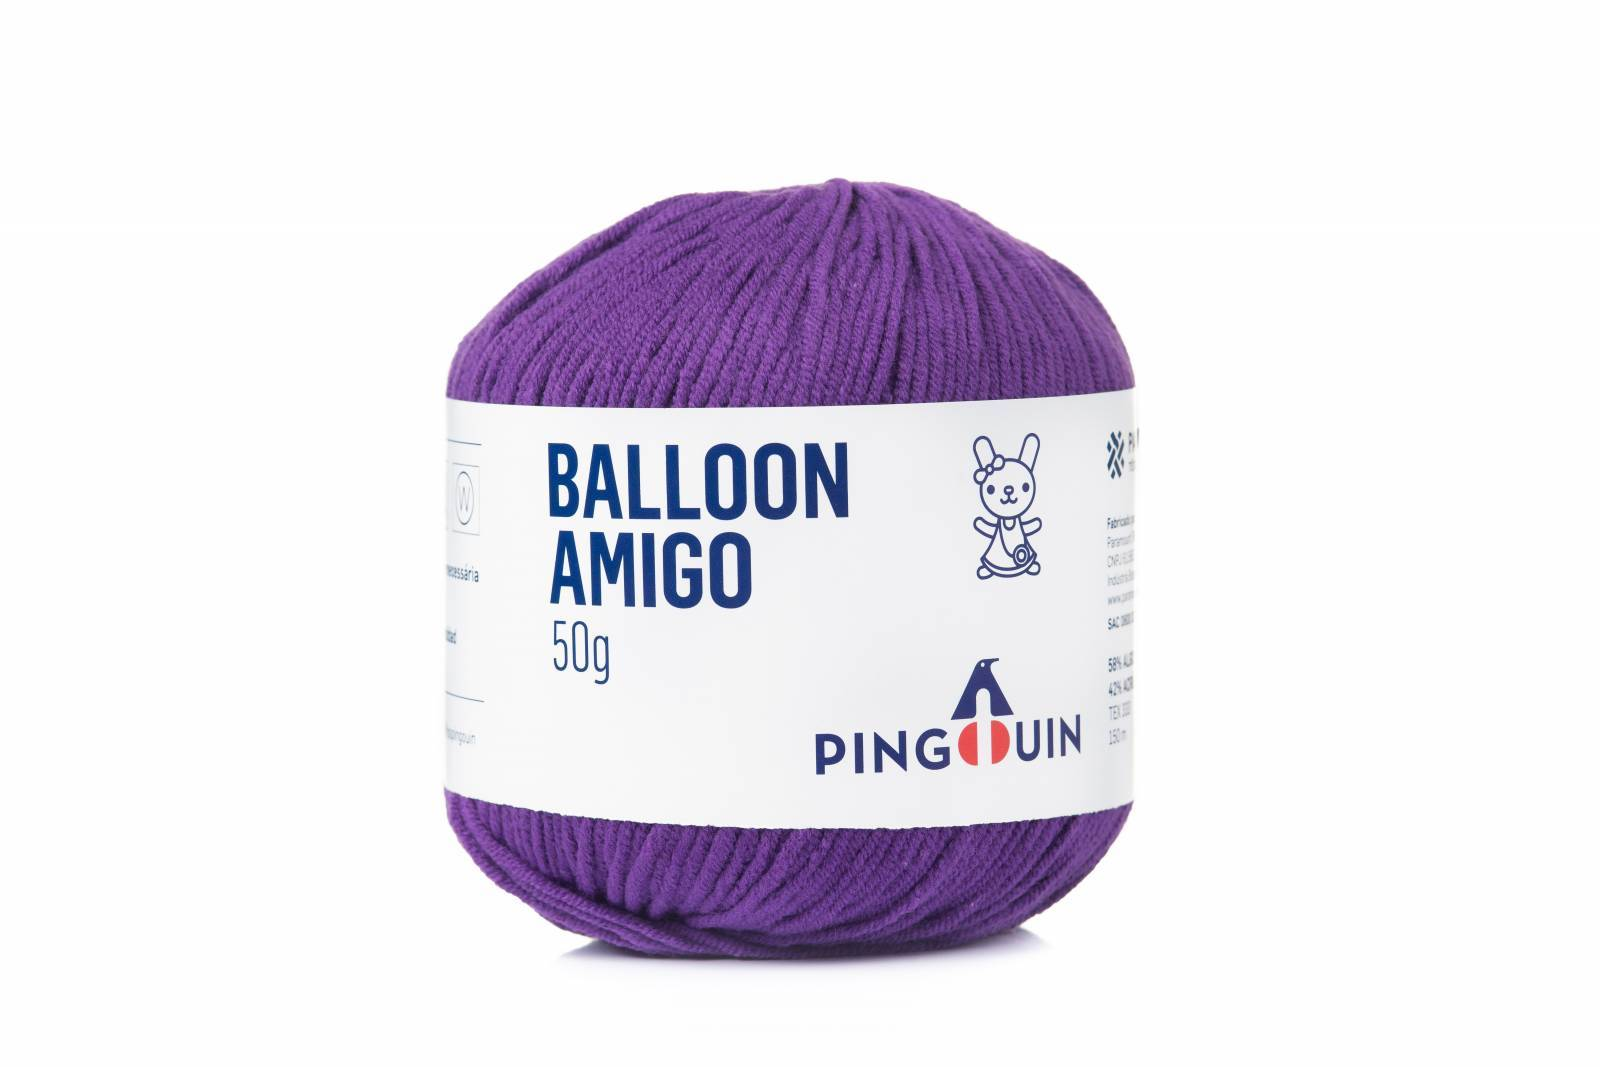 Balloon amigo 411 Violeta - BAÚ DA VOVÓ